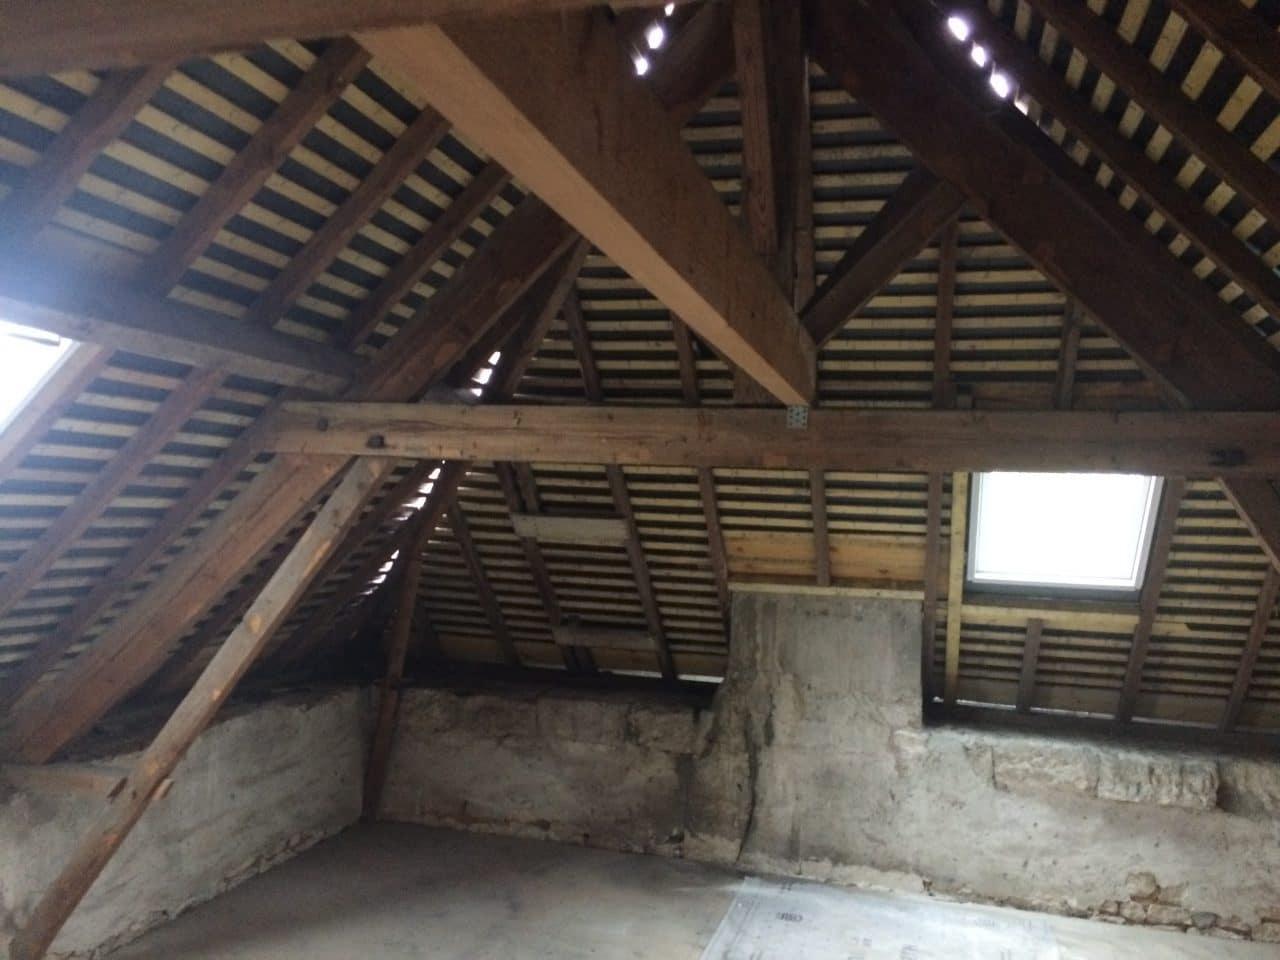 Rénovation d'une toiture en ardoise à Benet (85) par illiCO travaux Niort